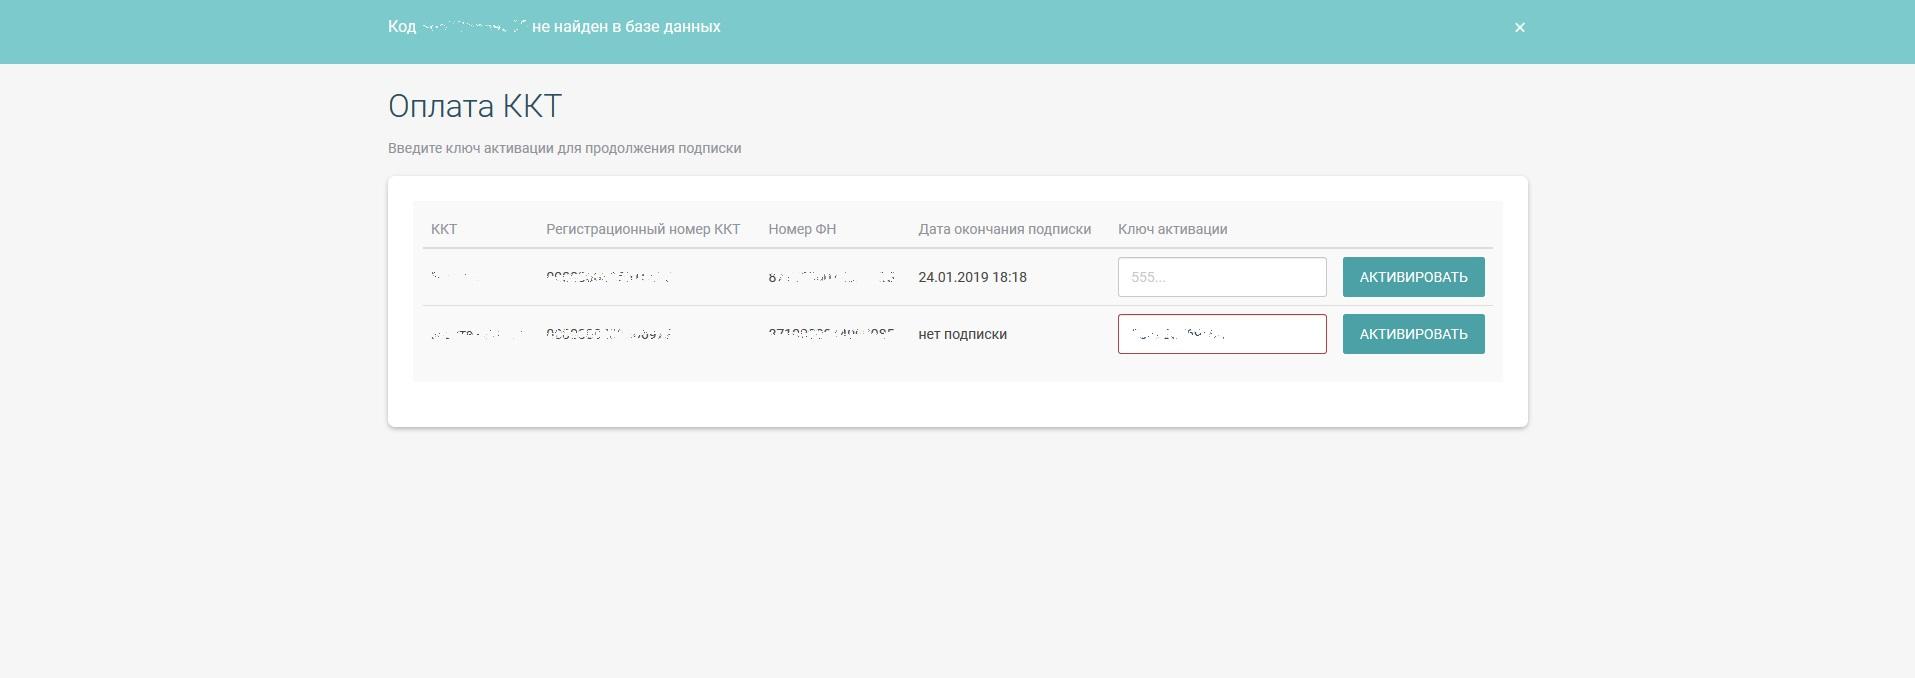 Регистрация клиента без КЭП из ЛКП